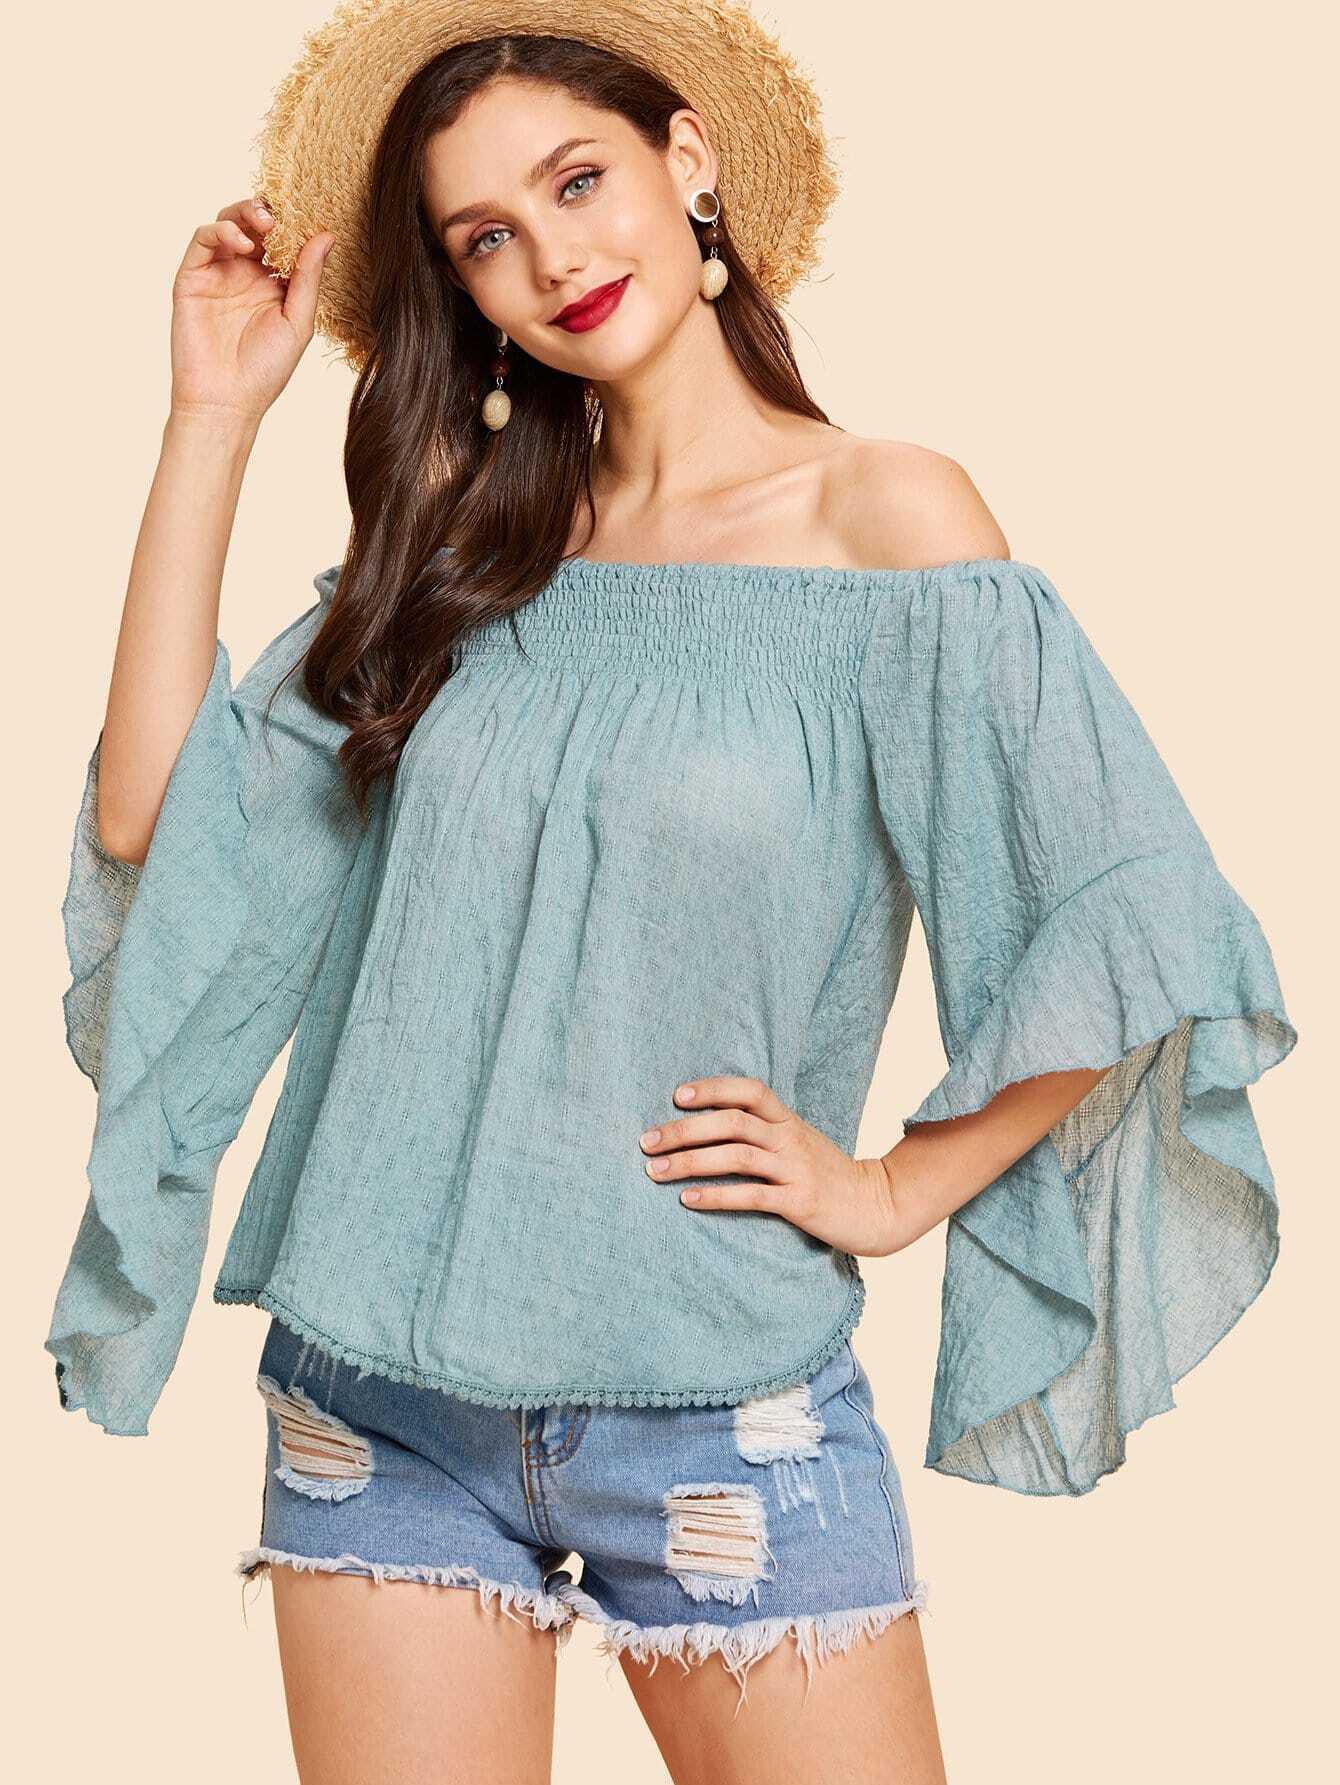 Купить Рубашка на бретелях и с непринужденными рукавами, Julie H., SheIn